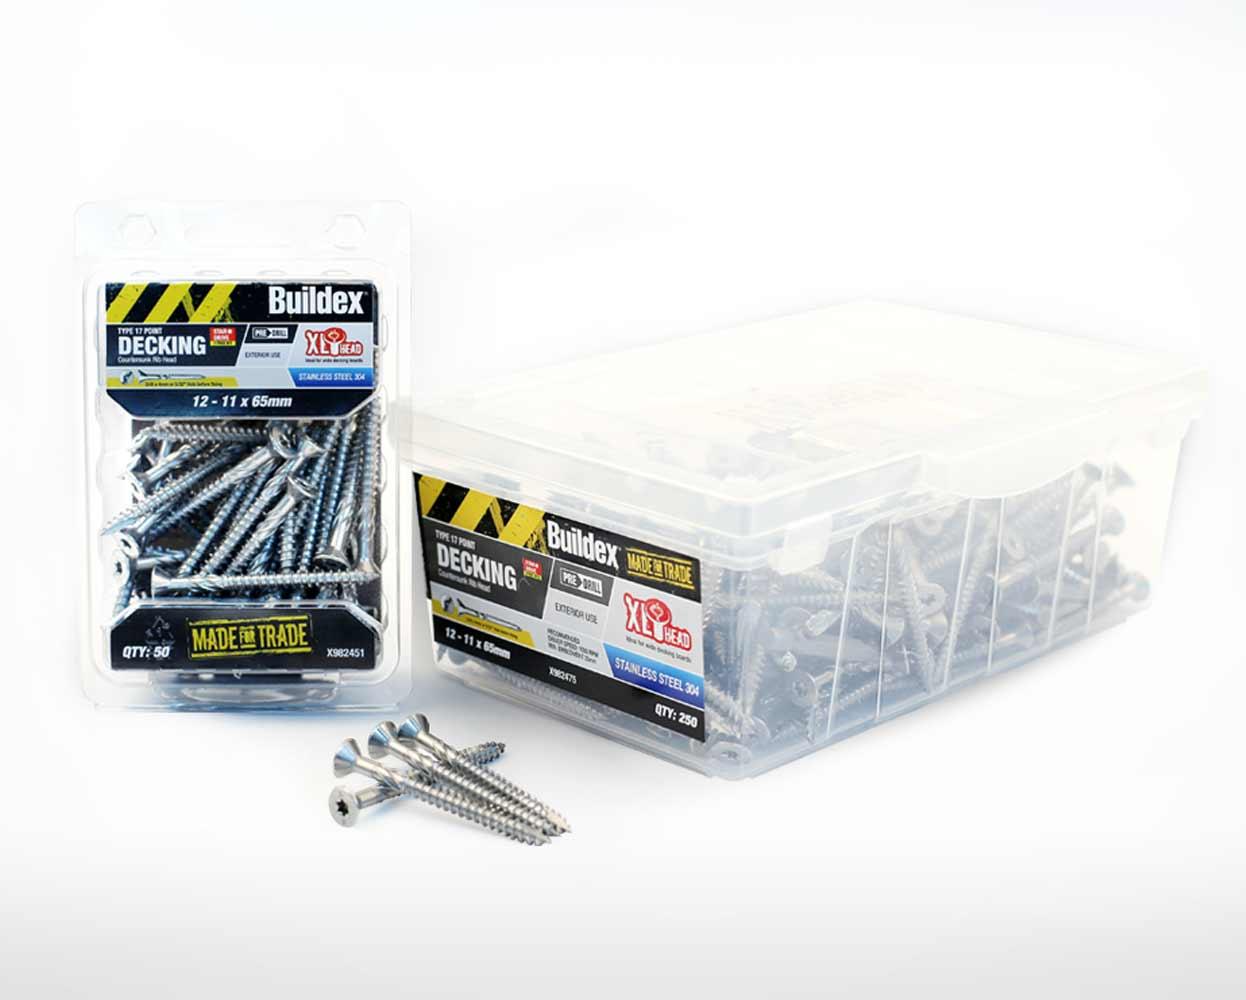 Buildex Packaging decking screws